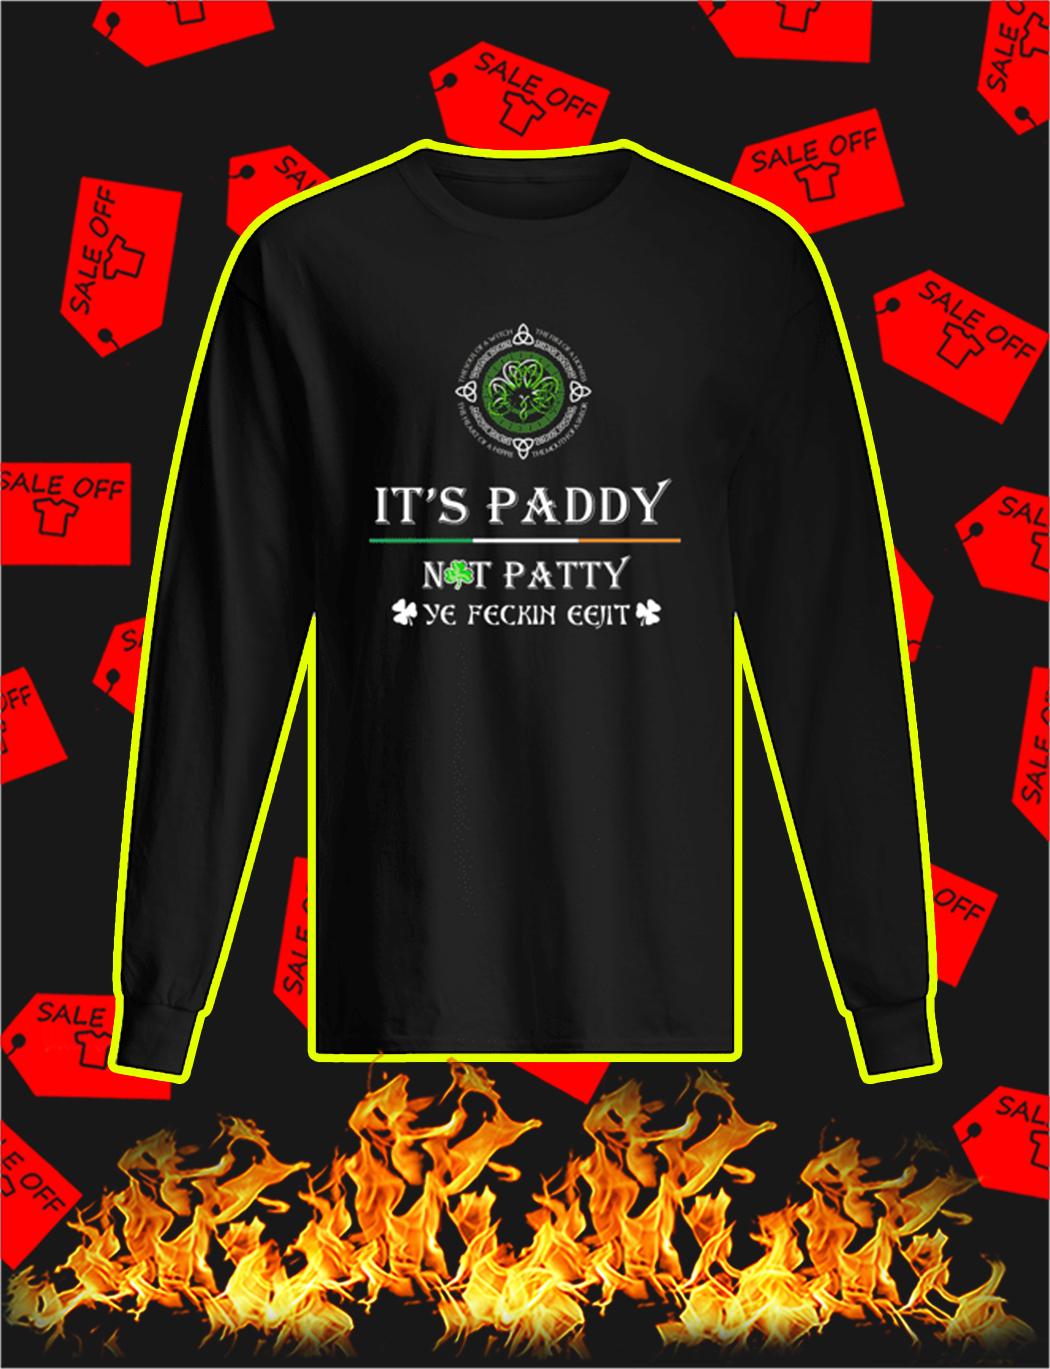 It's Paddy Not Patty Ye Feckin Eejit longsleeve tee